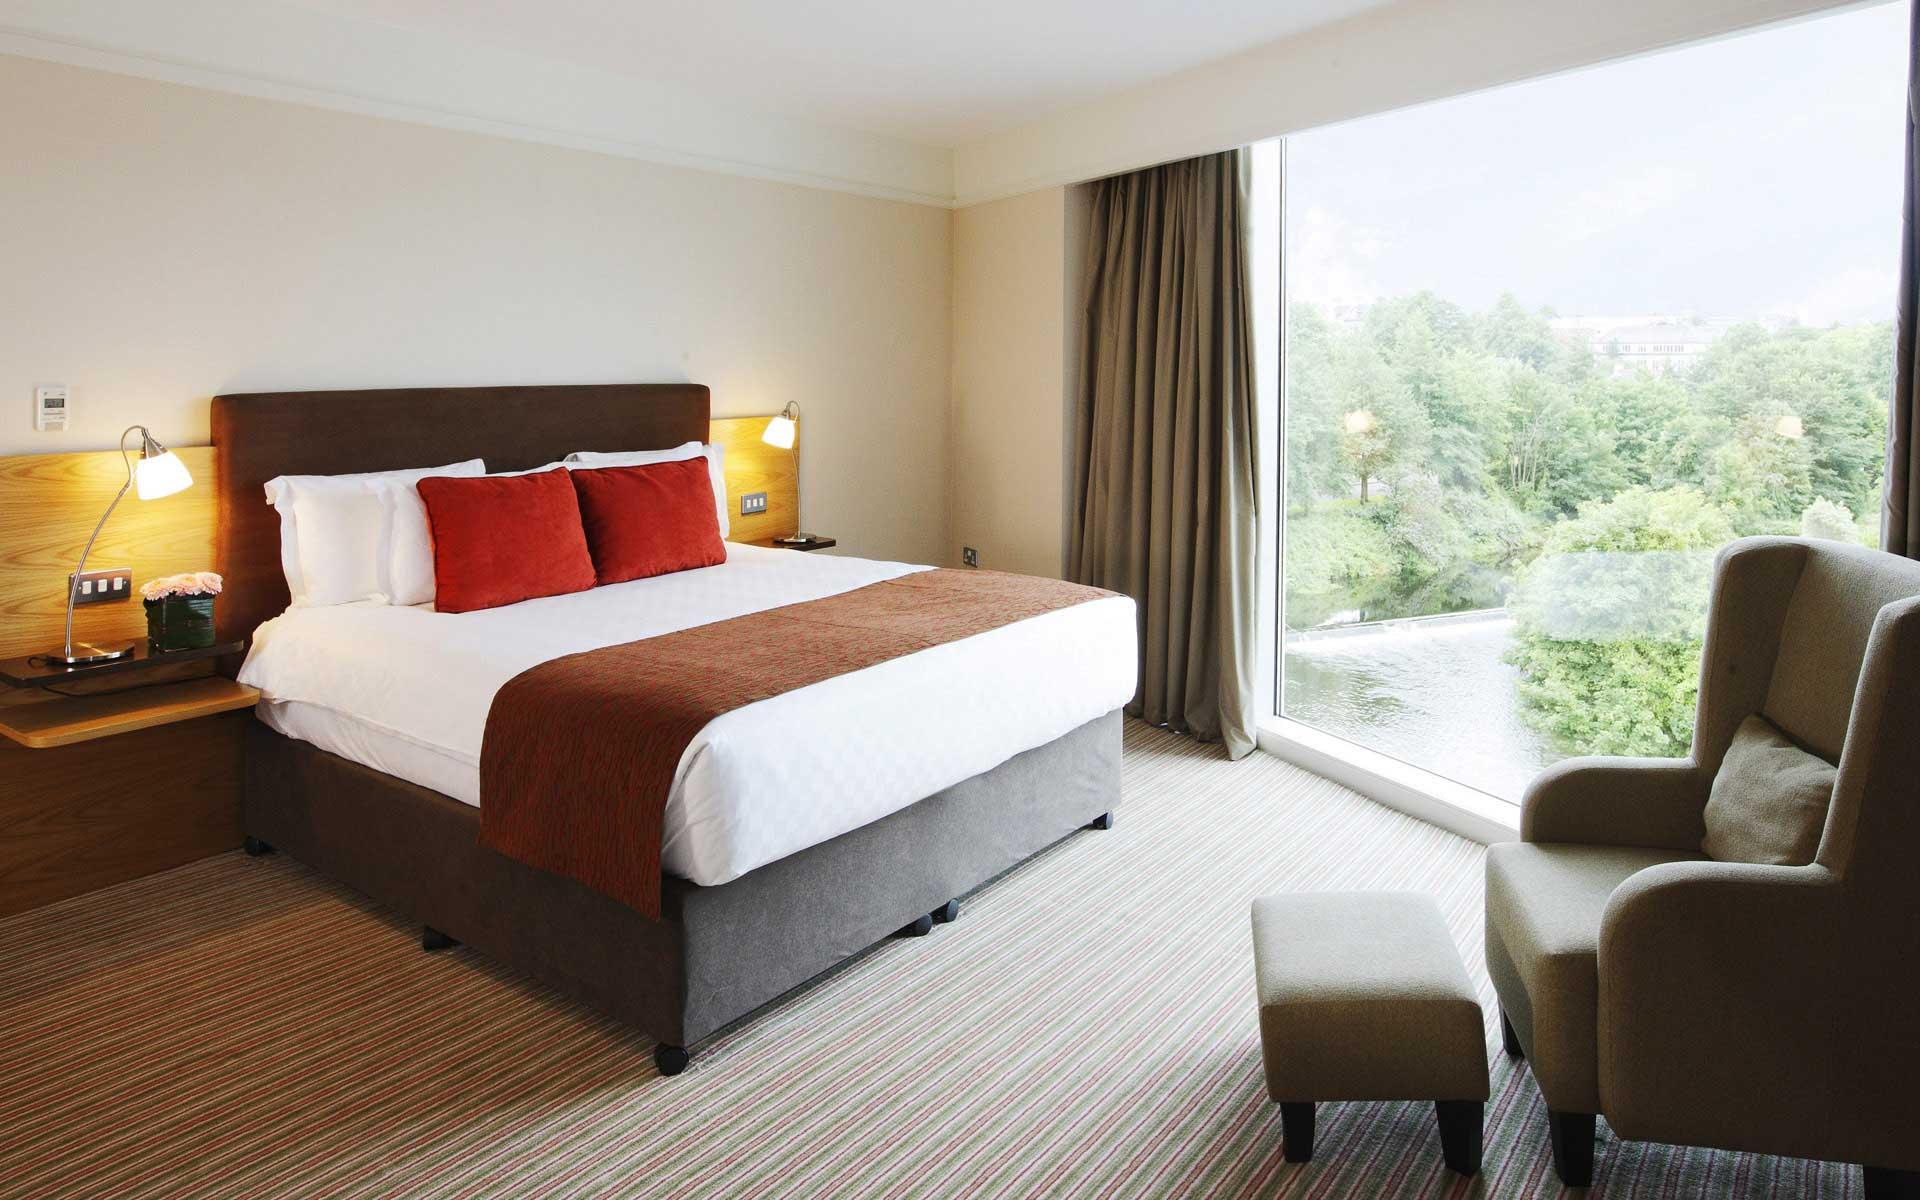 Уютная спальня в стиле модерн с большим окном